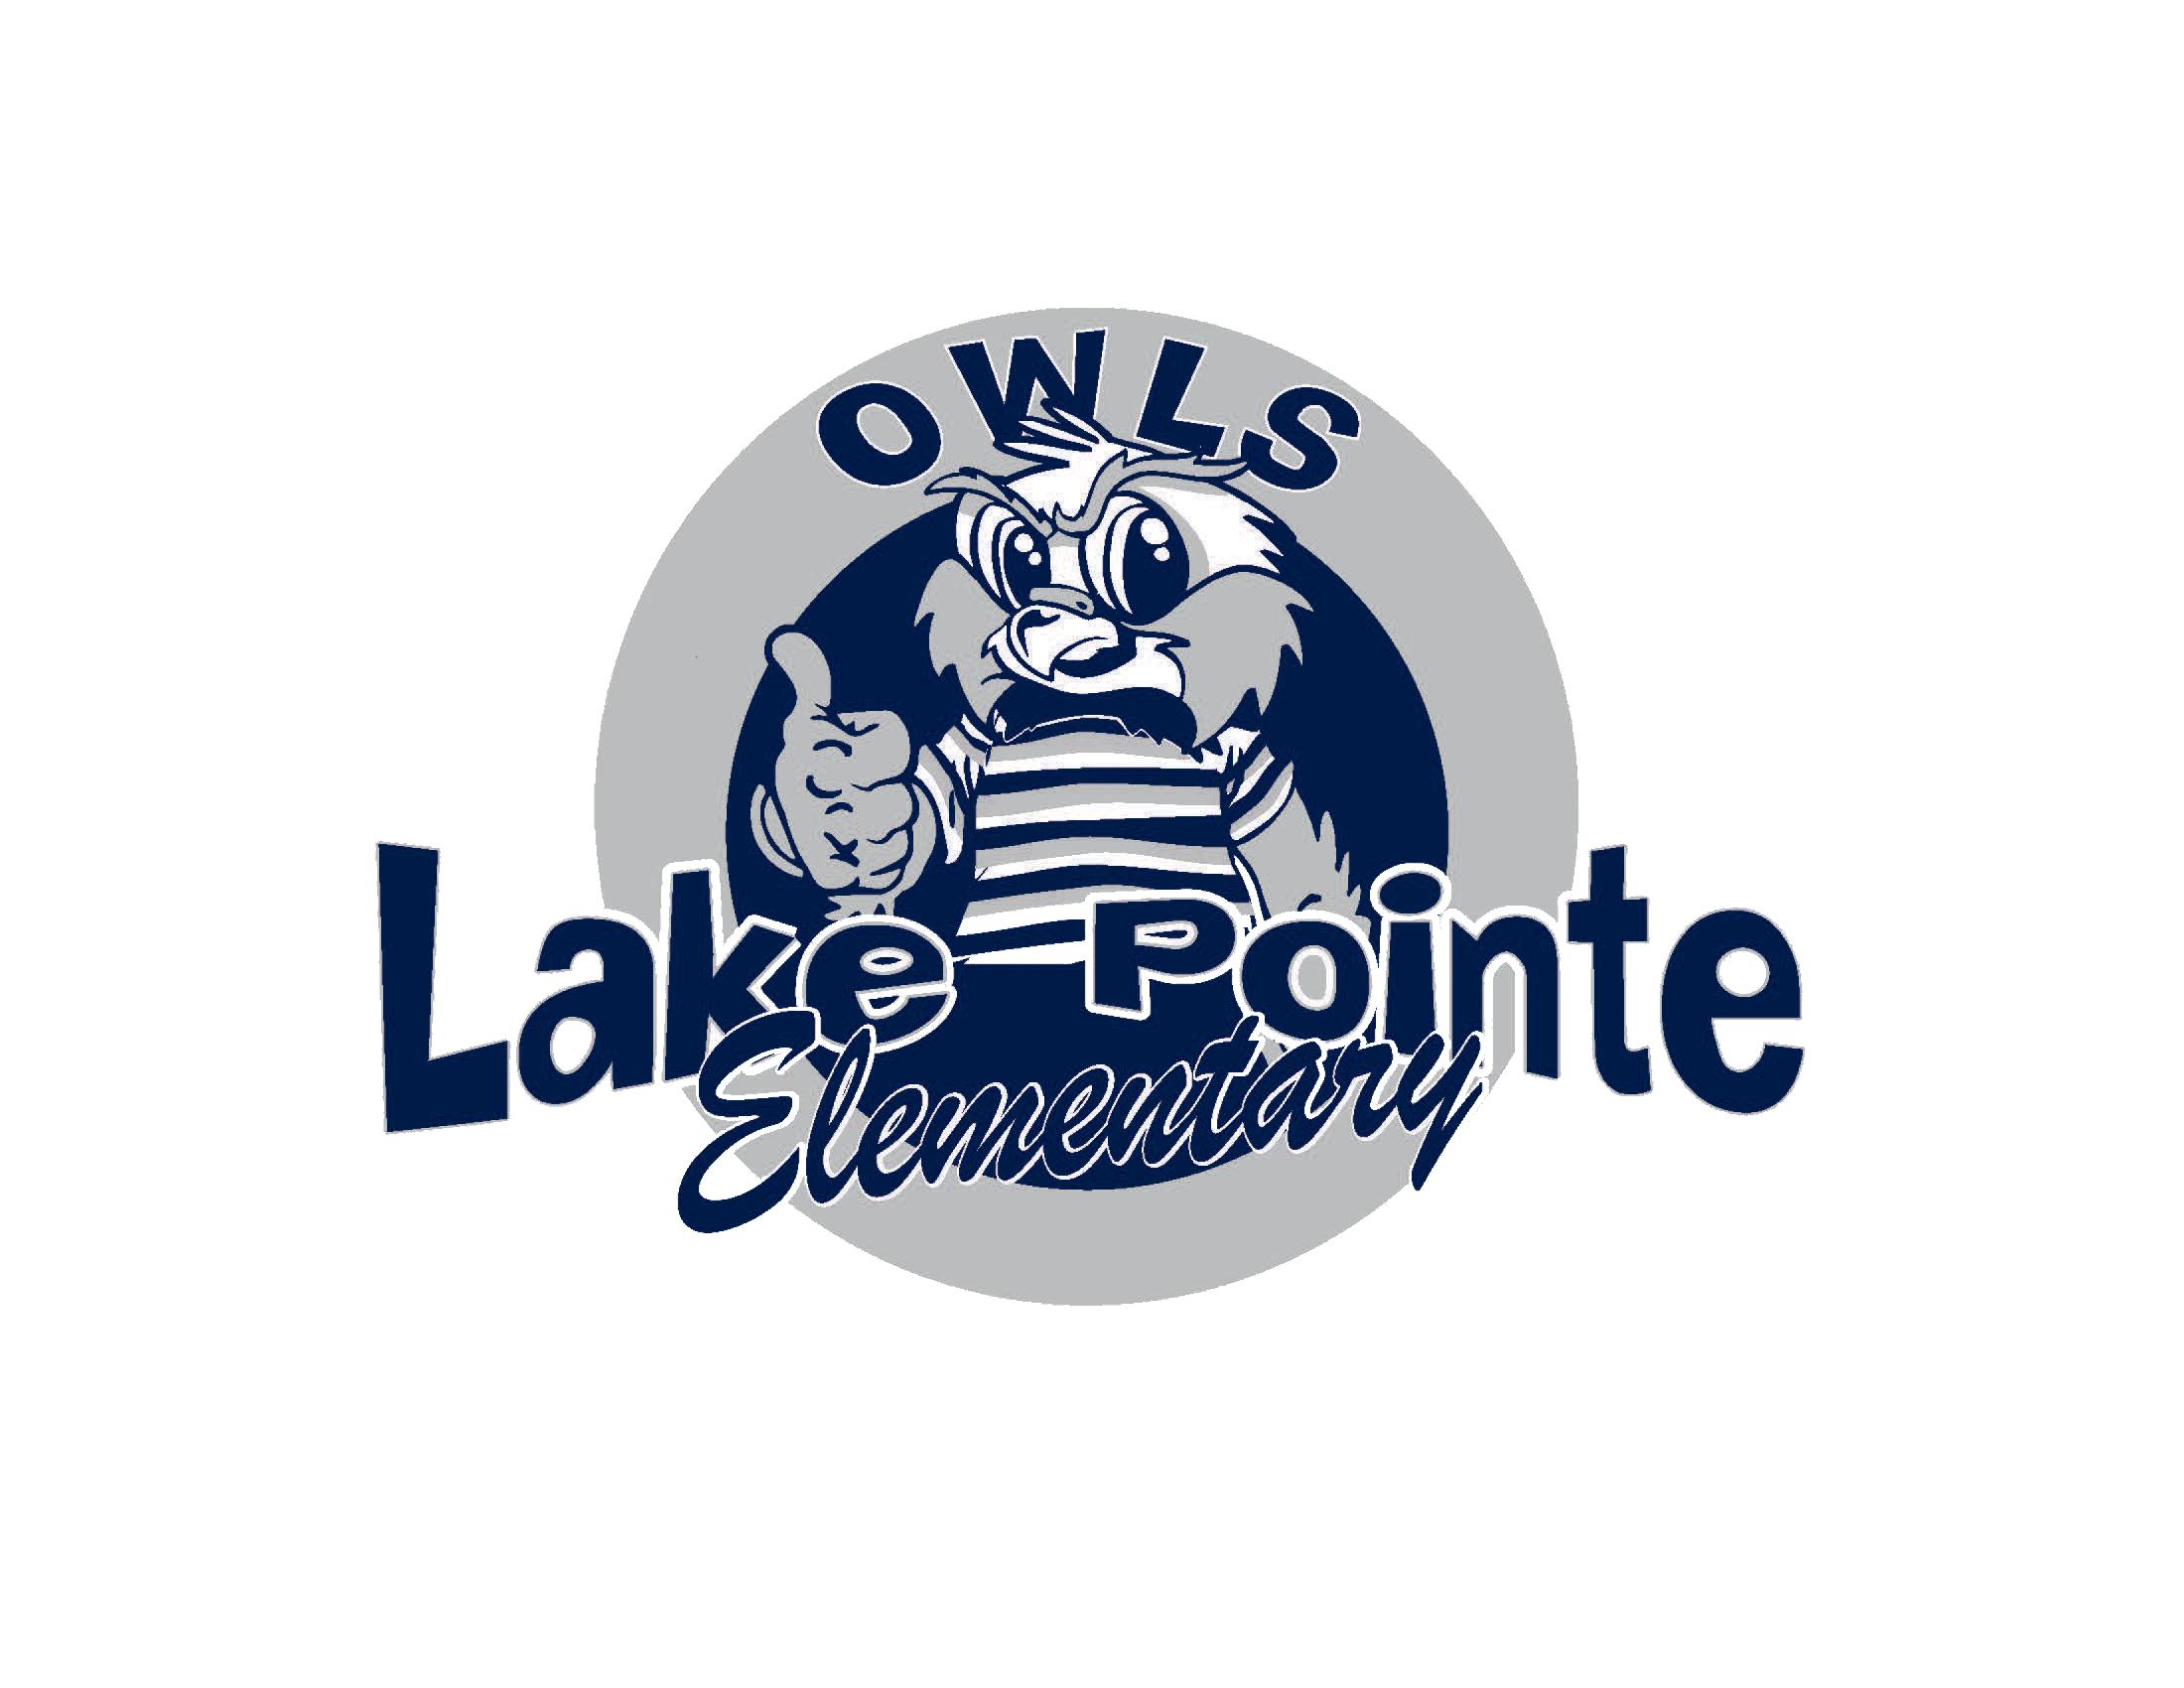 lake pointe owls logo